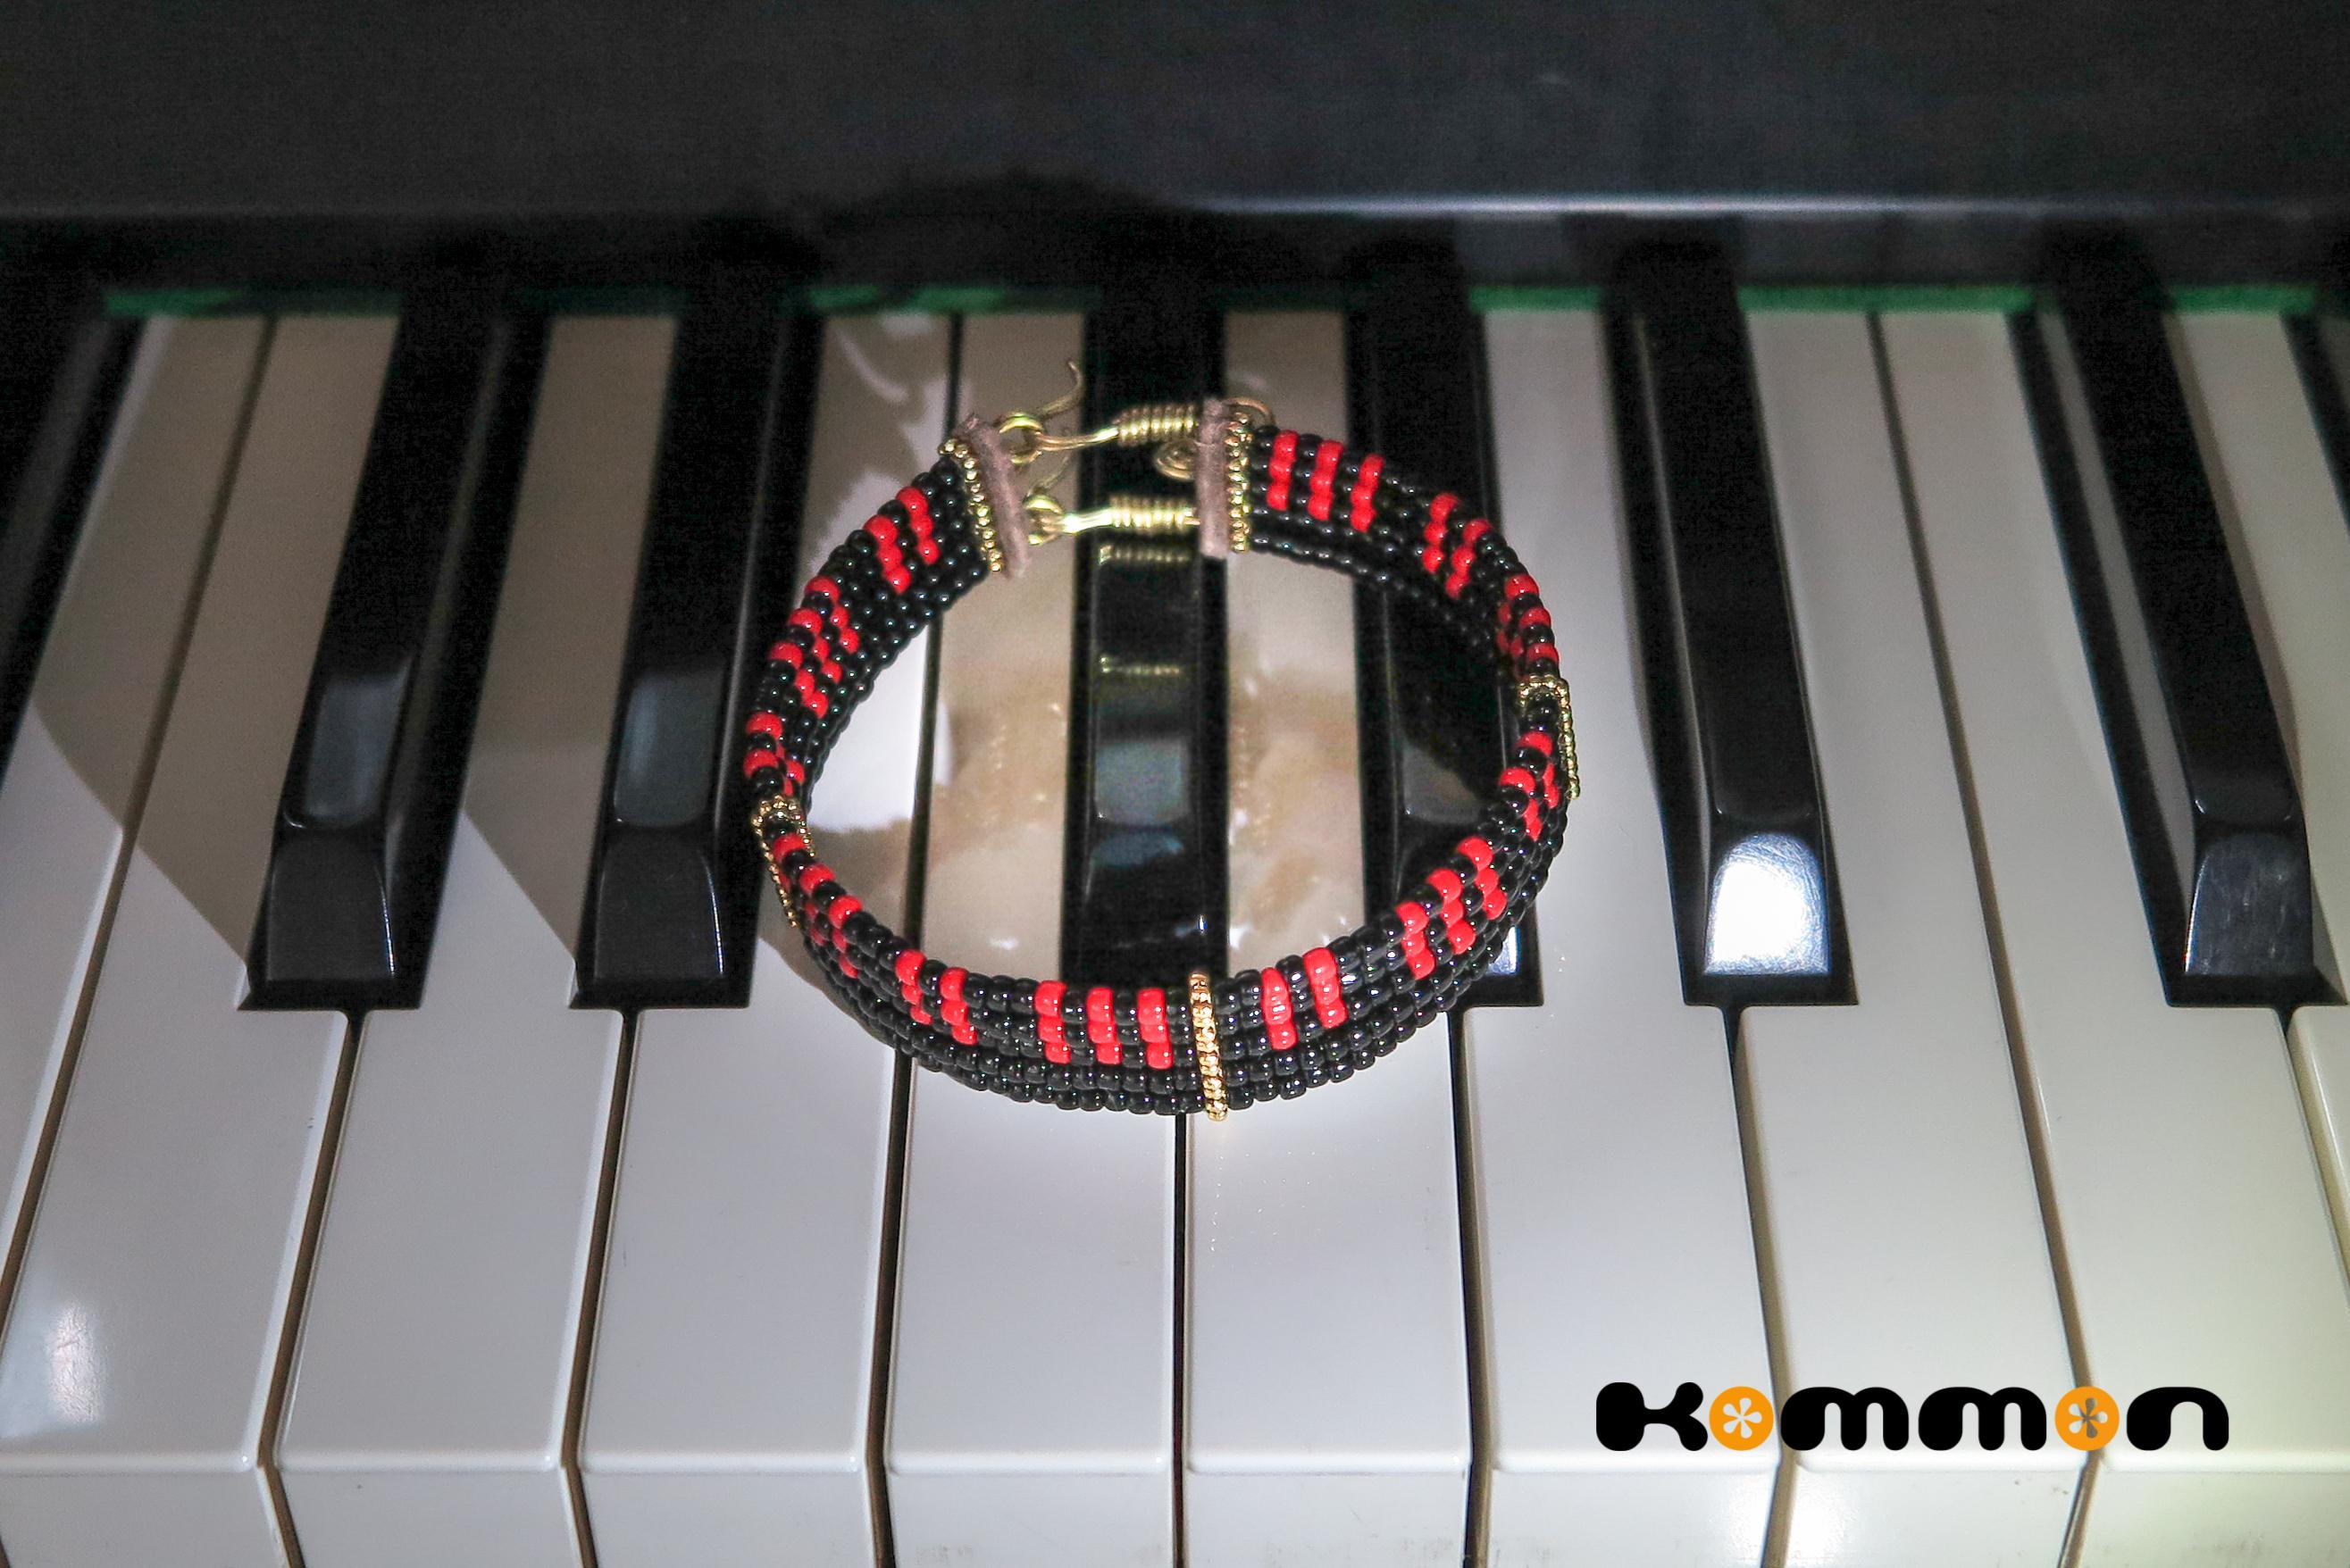 microKORG風ピアノ鍵盤うでわ